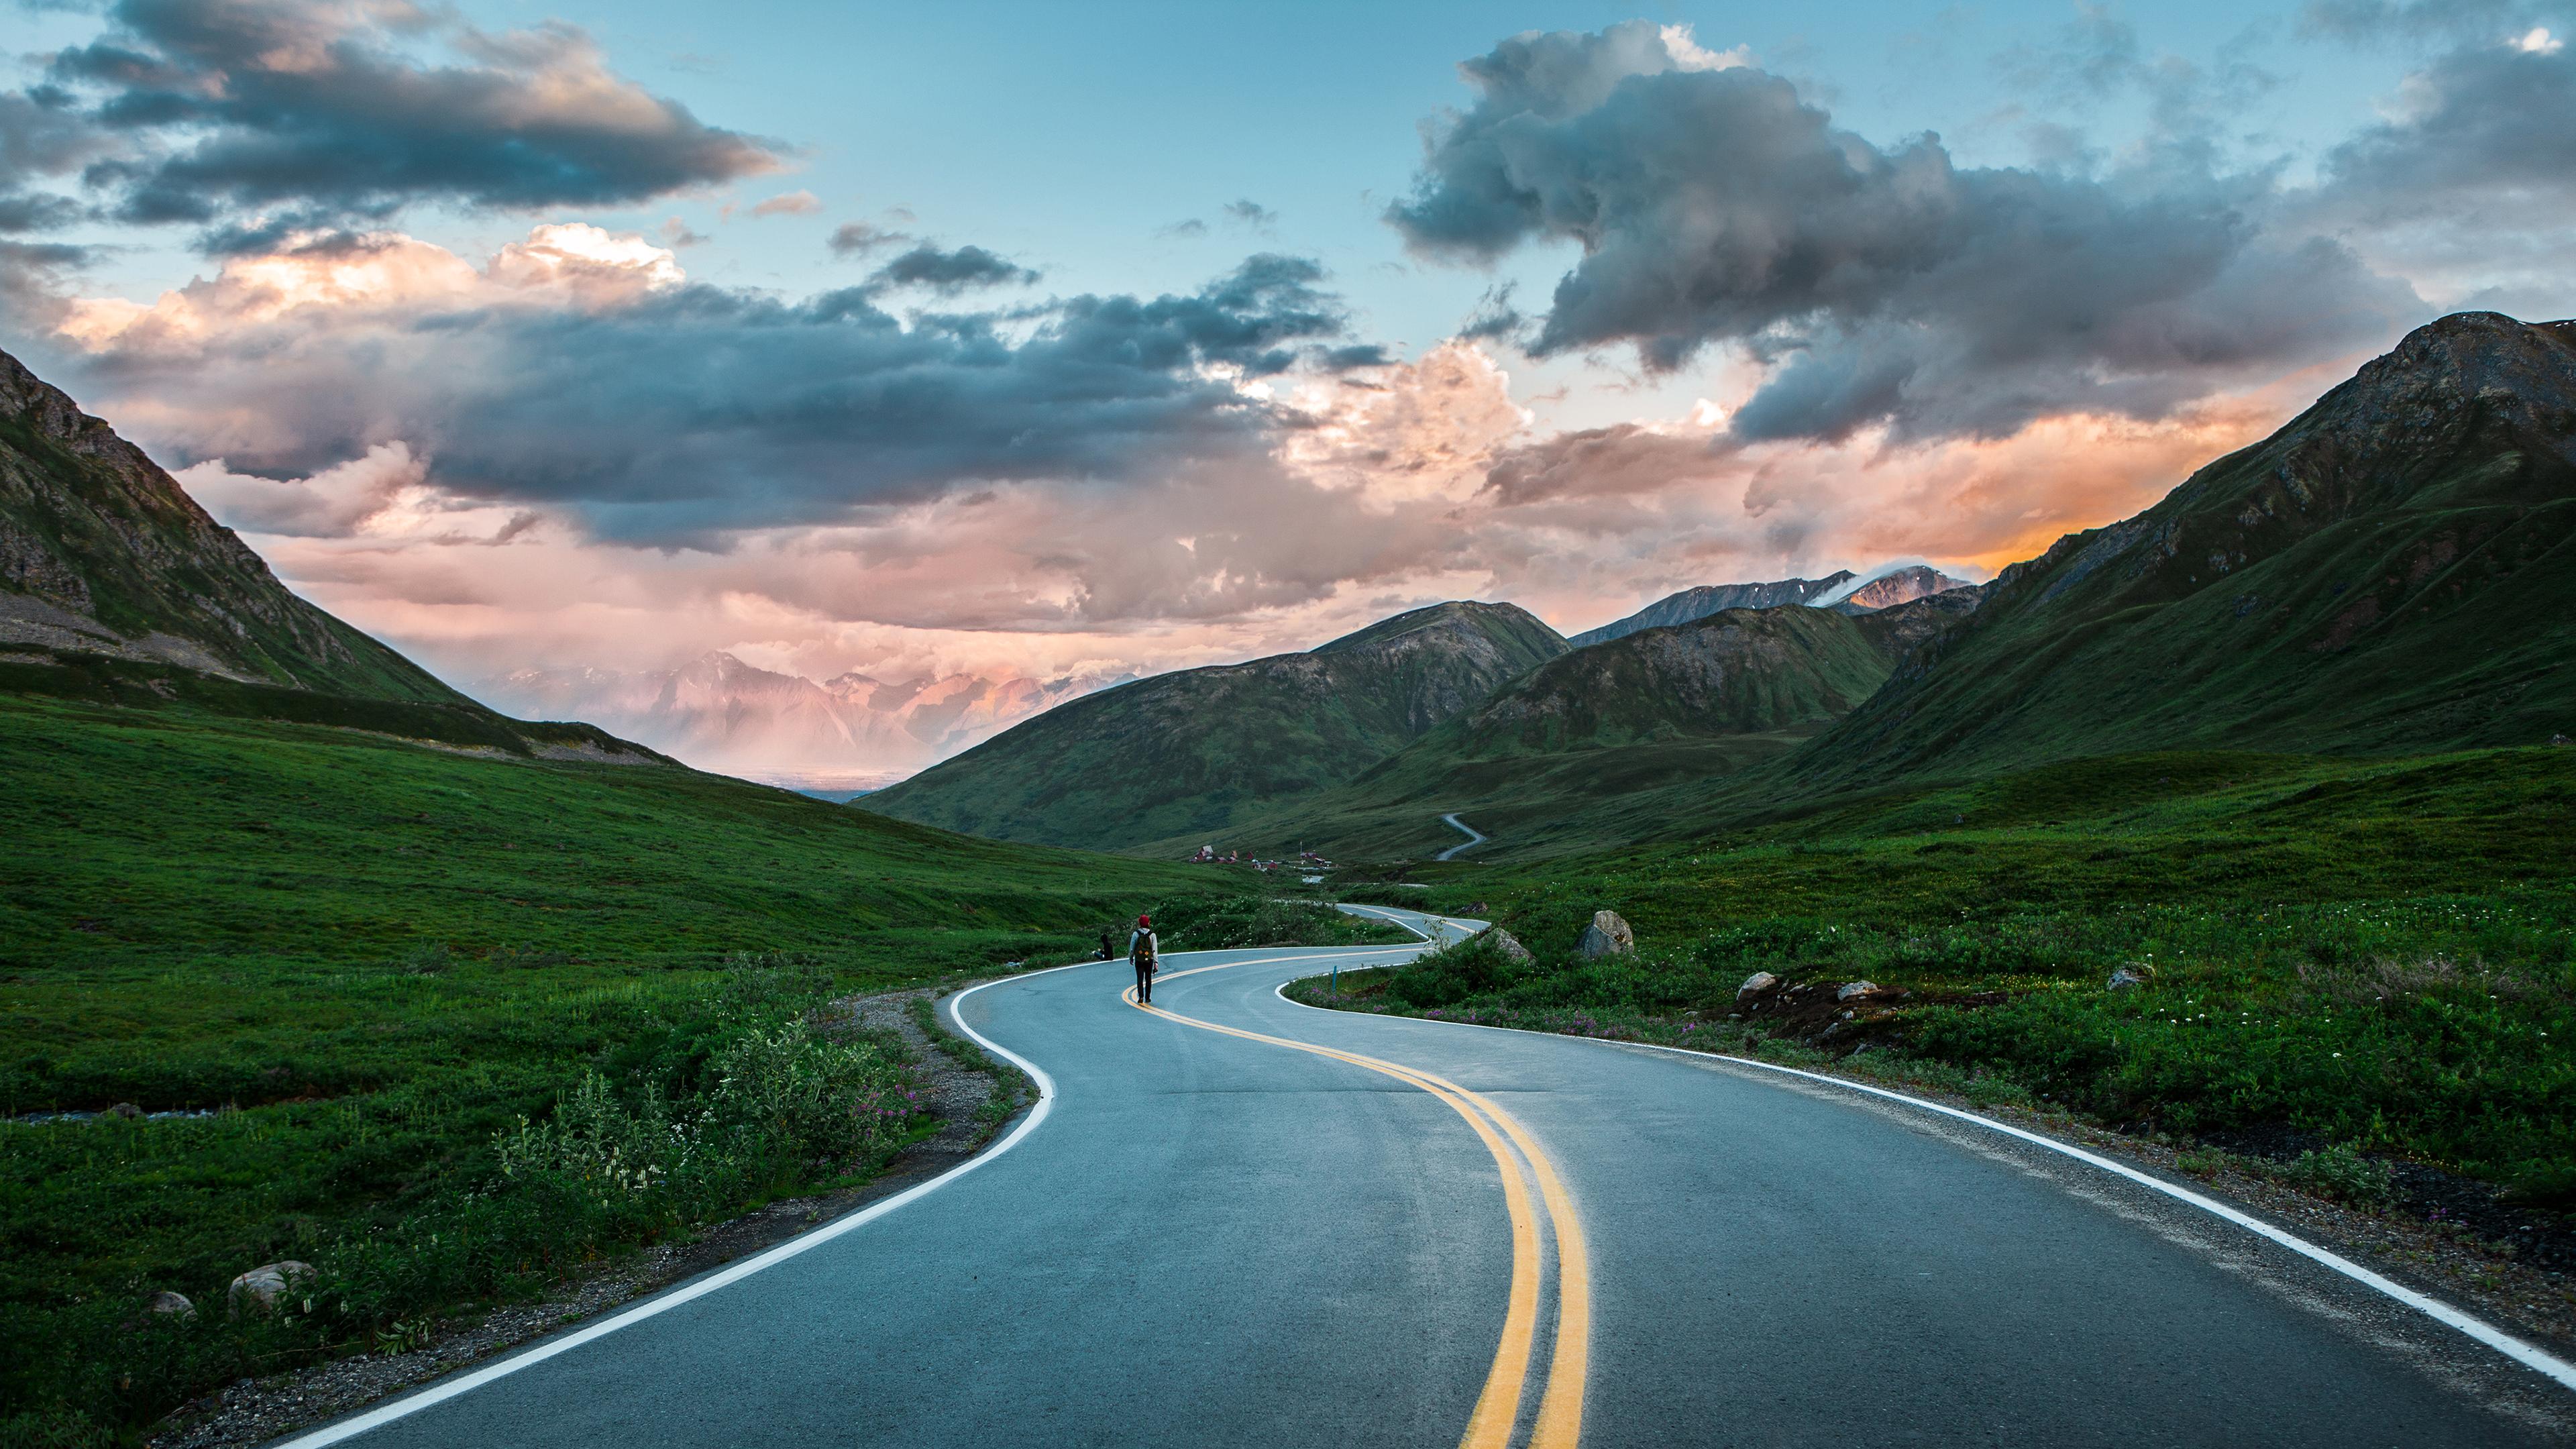 4k Hd Wallapaper: Mountain Landscape 4k Ultra HD Wallpaper